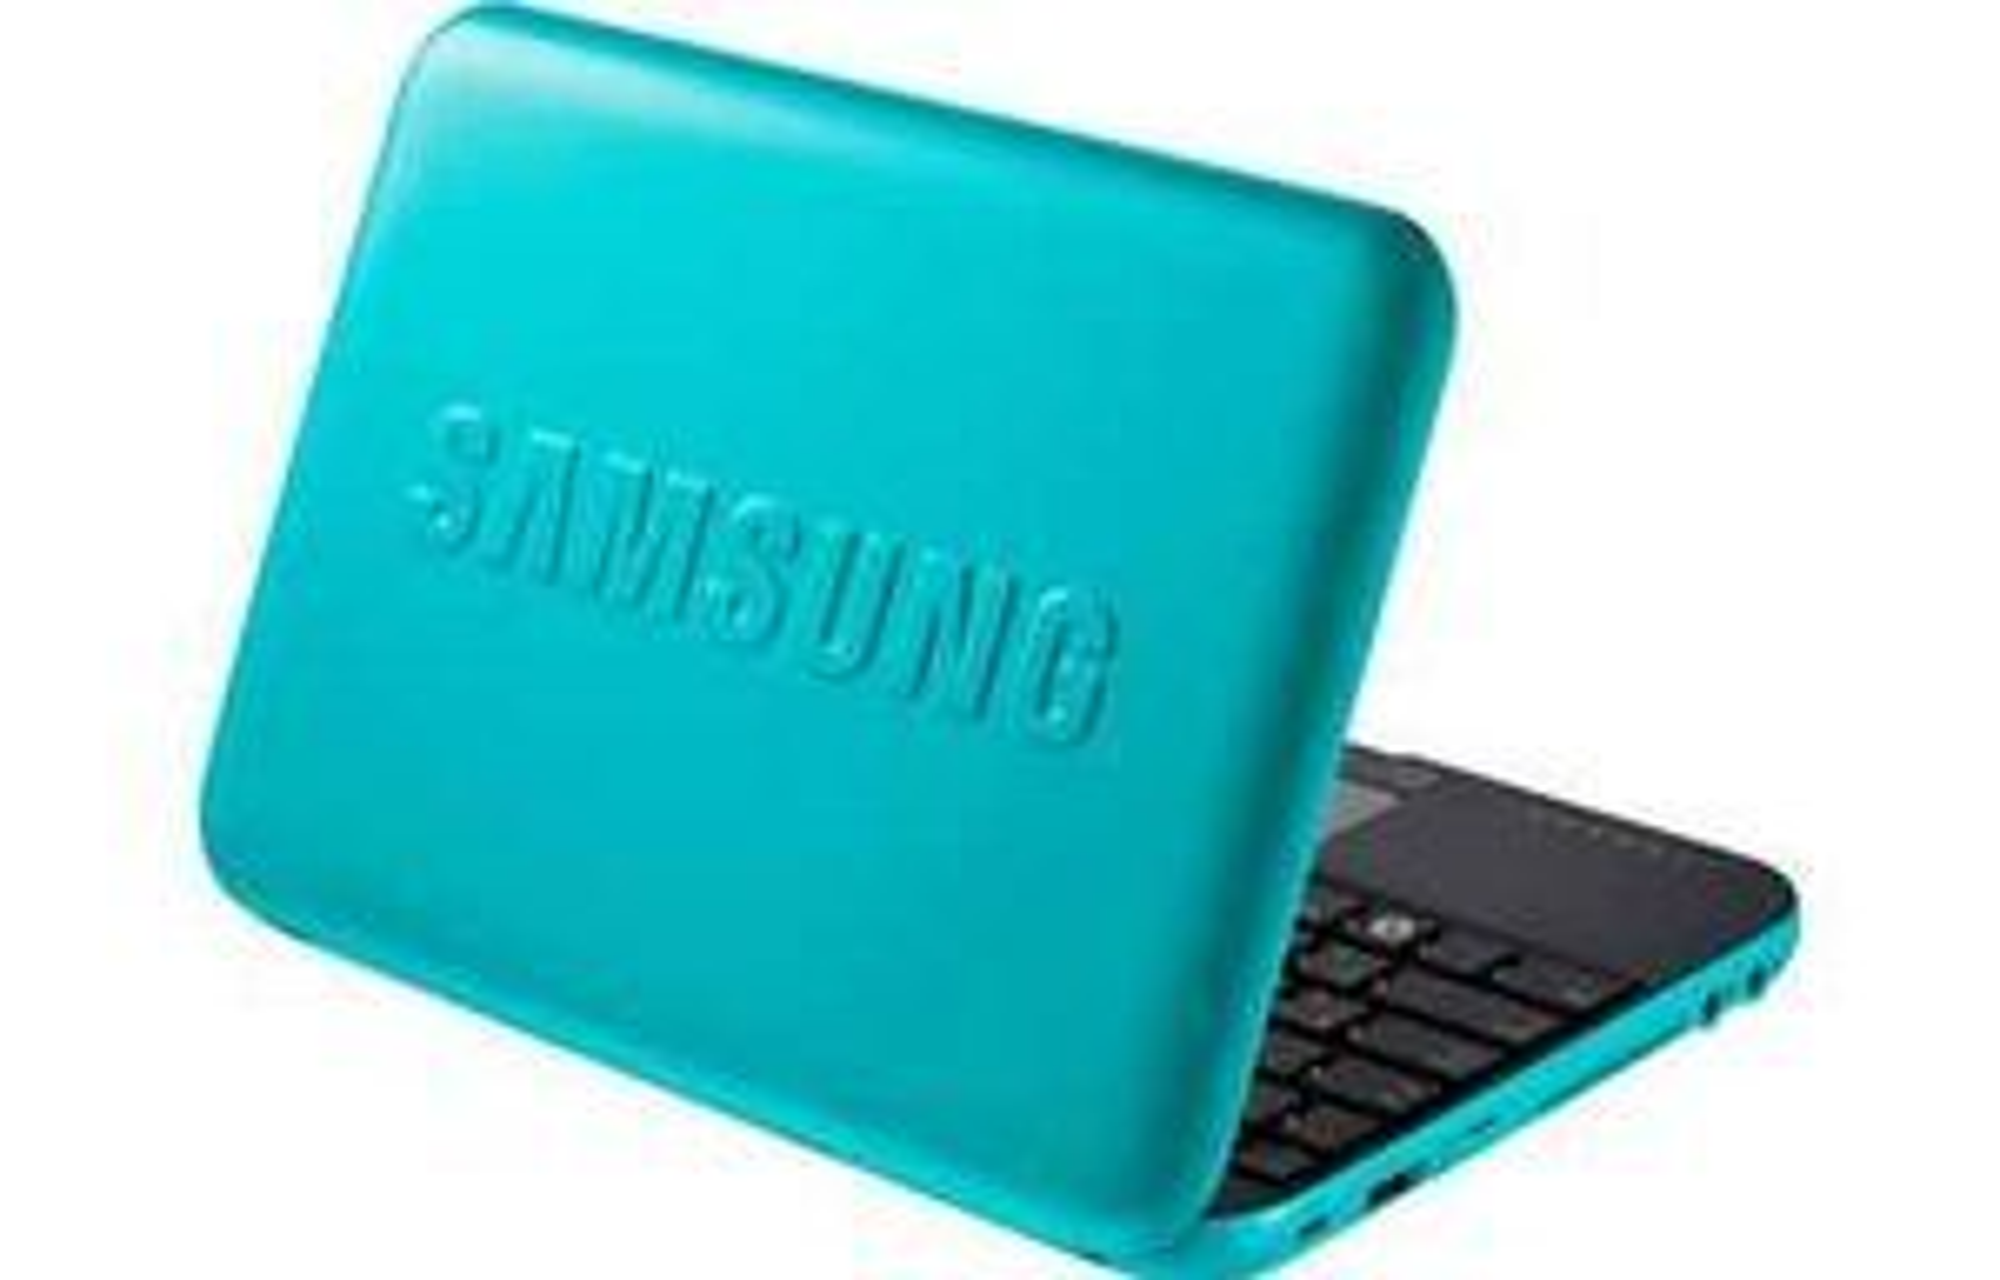 Netbook-modellen N310 kommer i ulike farger og med et spesielt belegg som bakterier ikke liker.